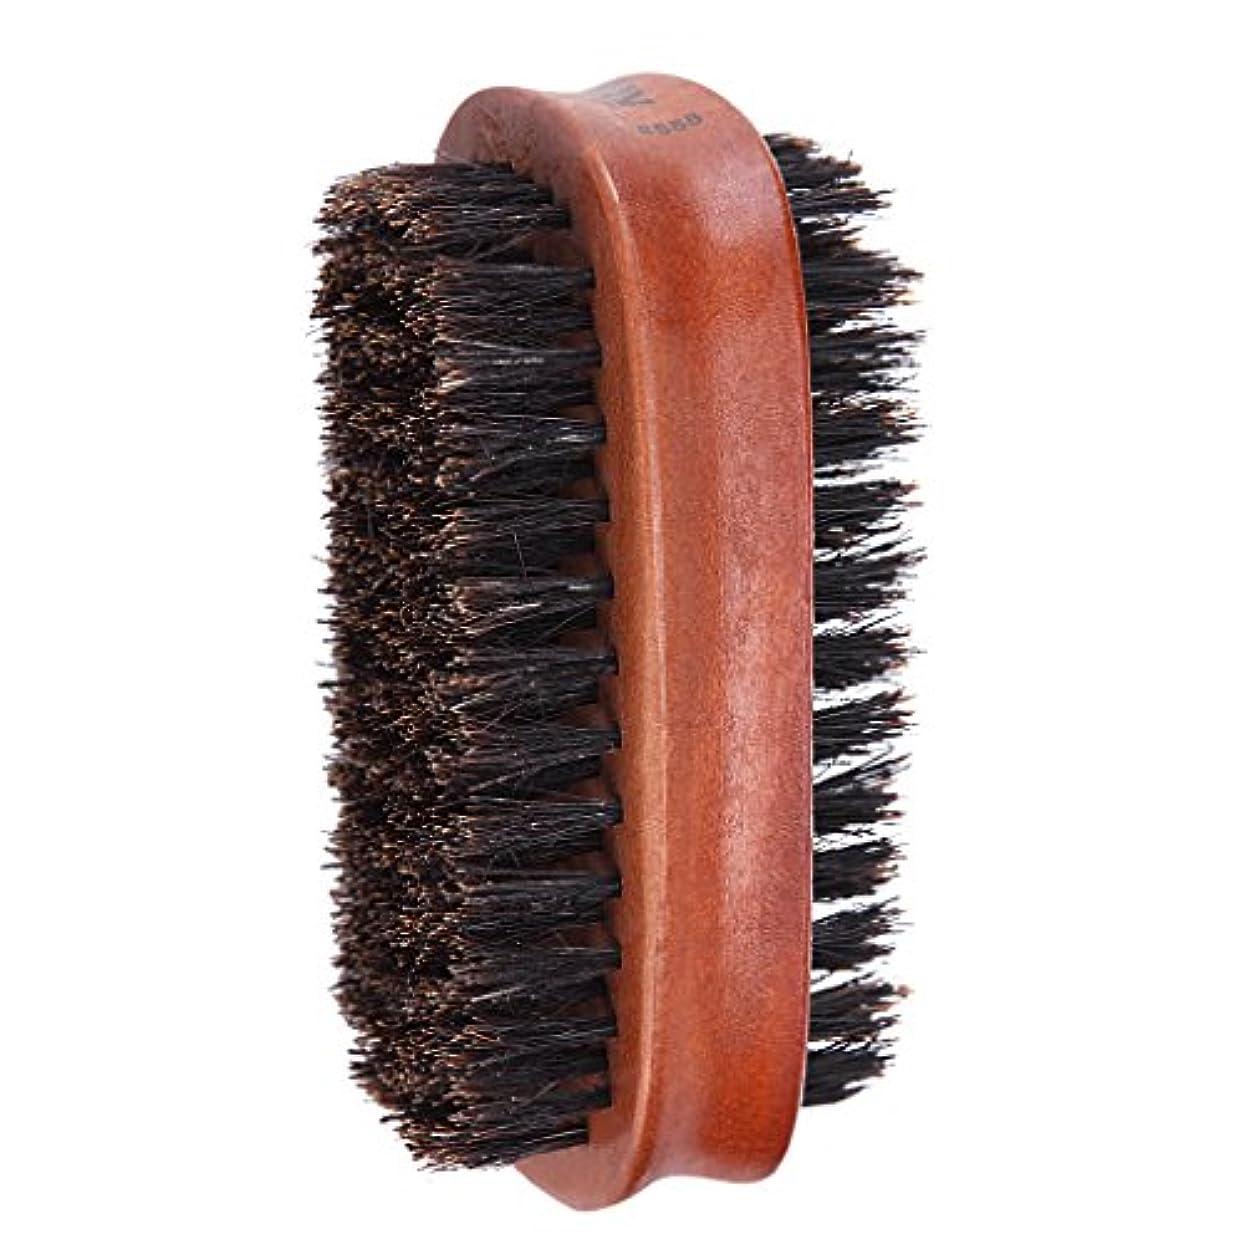 強大なバンジージャンプ入手しますToygogo ヘアブラシ 両面ブラシ 男性 髭 口ひげ グルーミングブラシ ブリストルブラシ